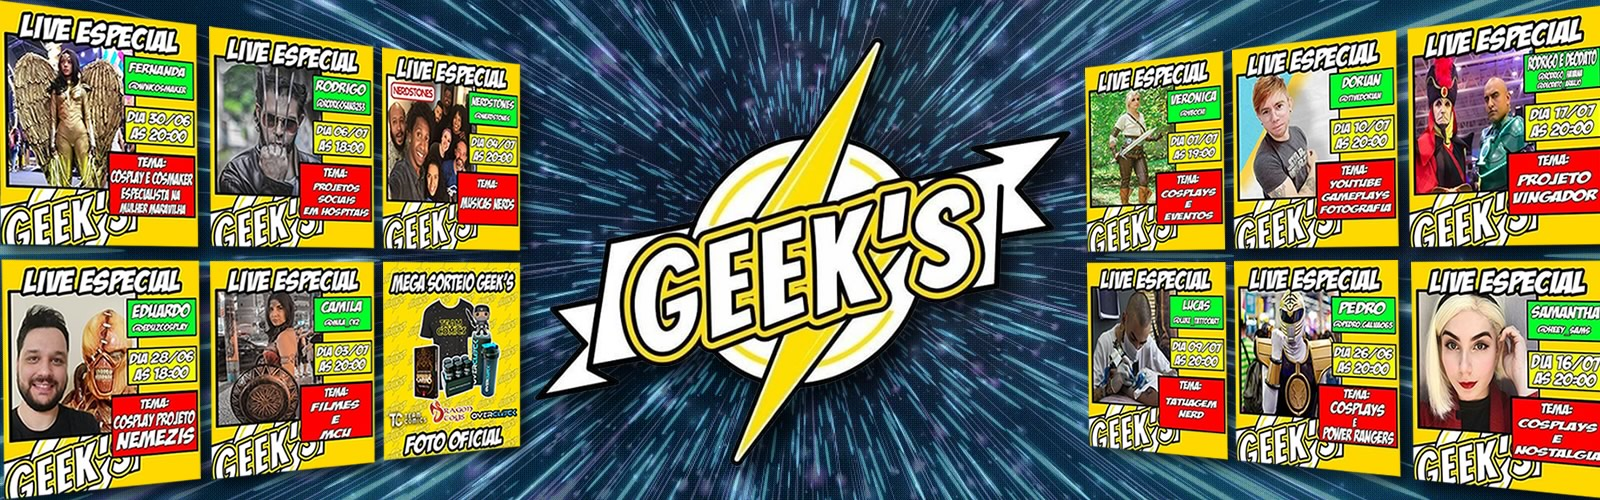 bg geeks5 - Canal G.E.E.K.S